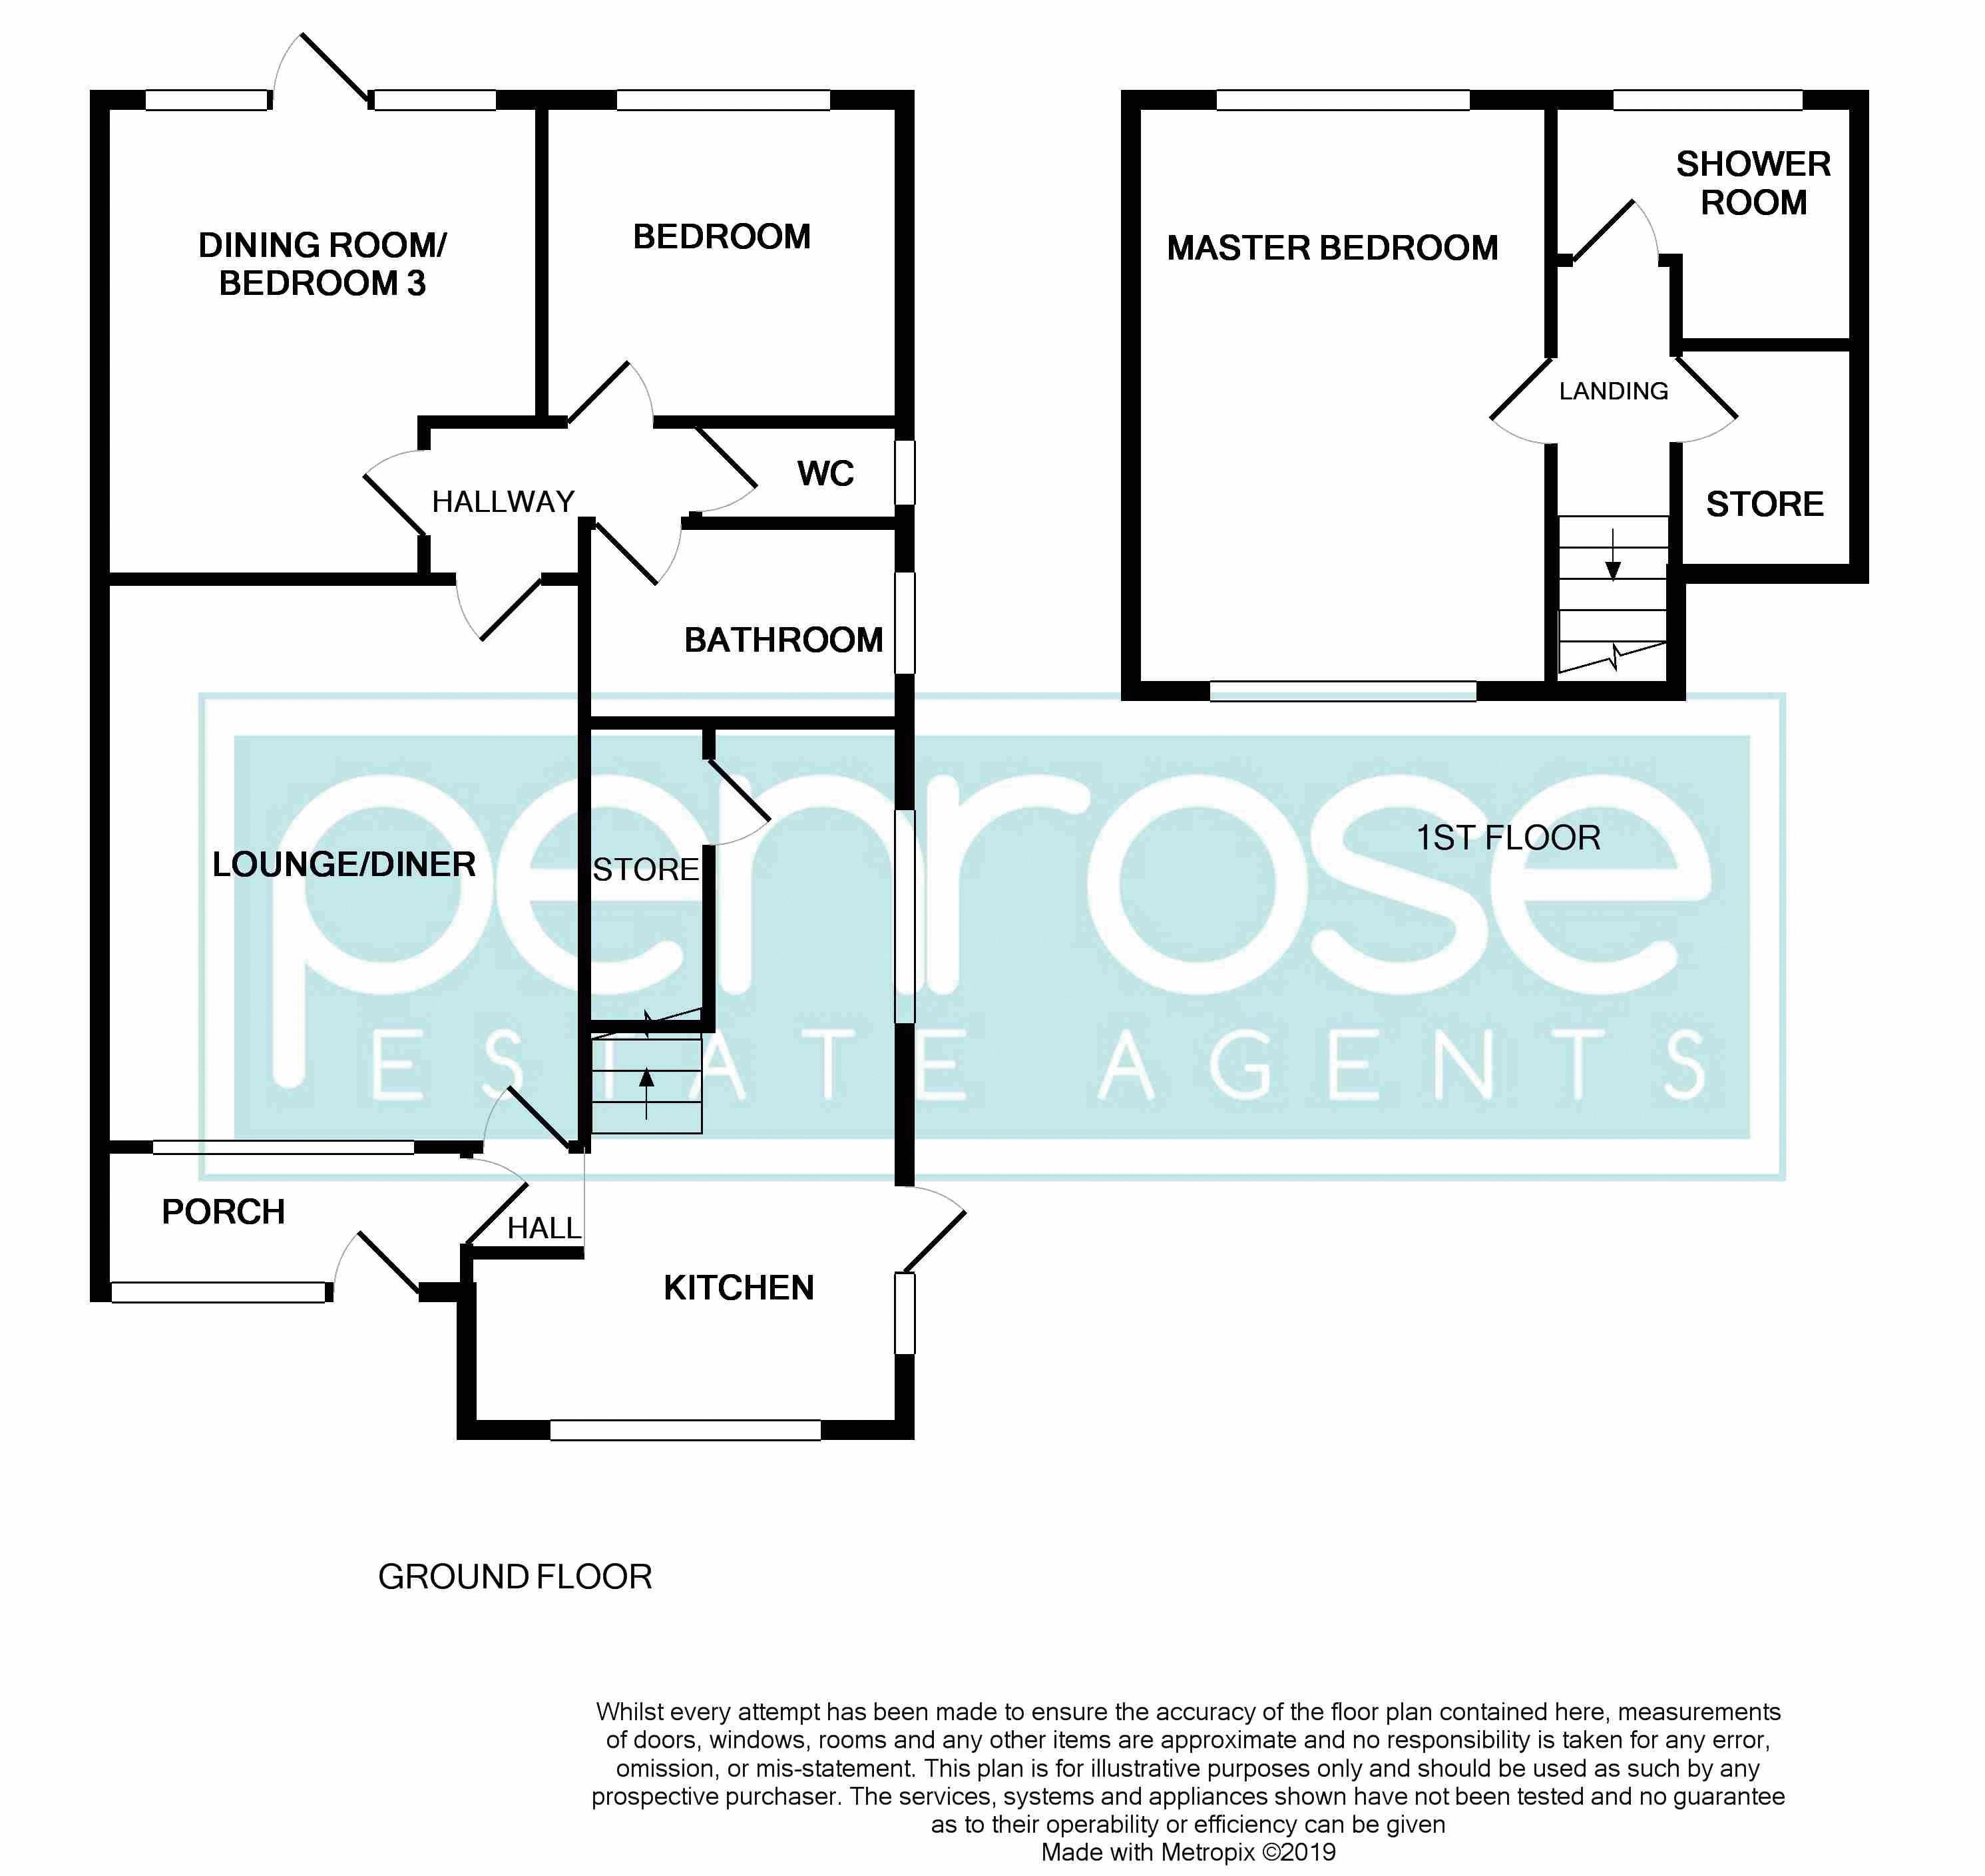 2 bedroom Bungalow to buy in Gooseberry Hill, Luton Floorplan